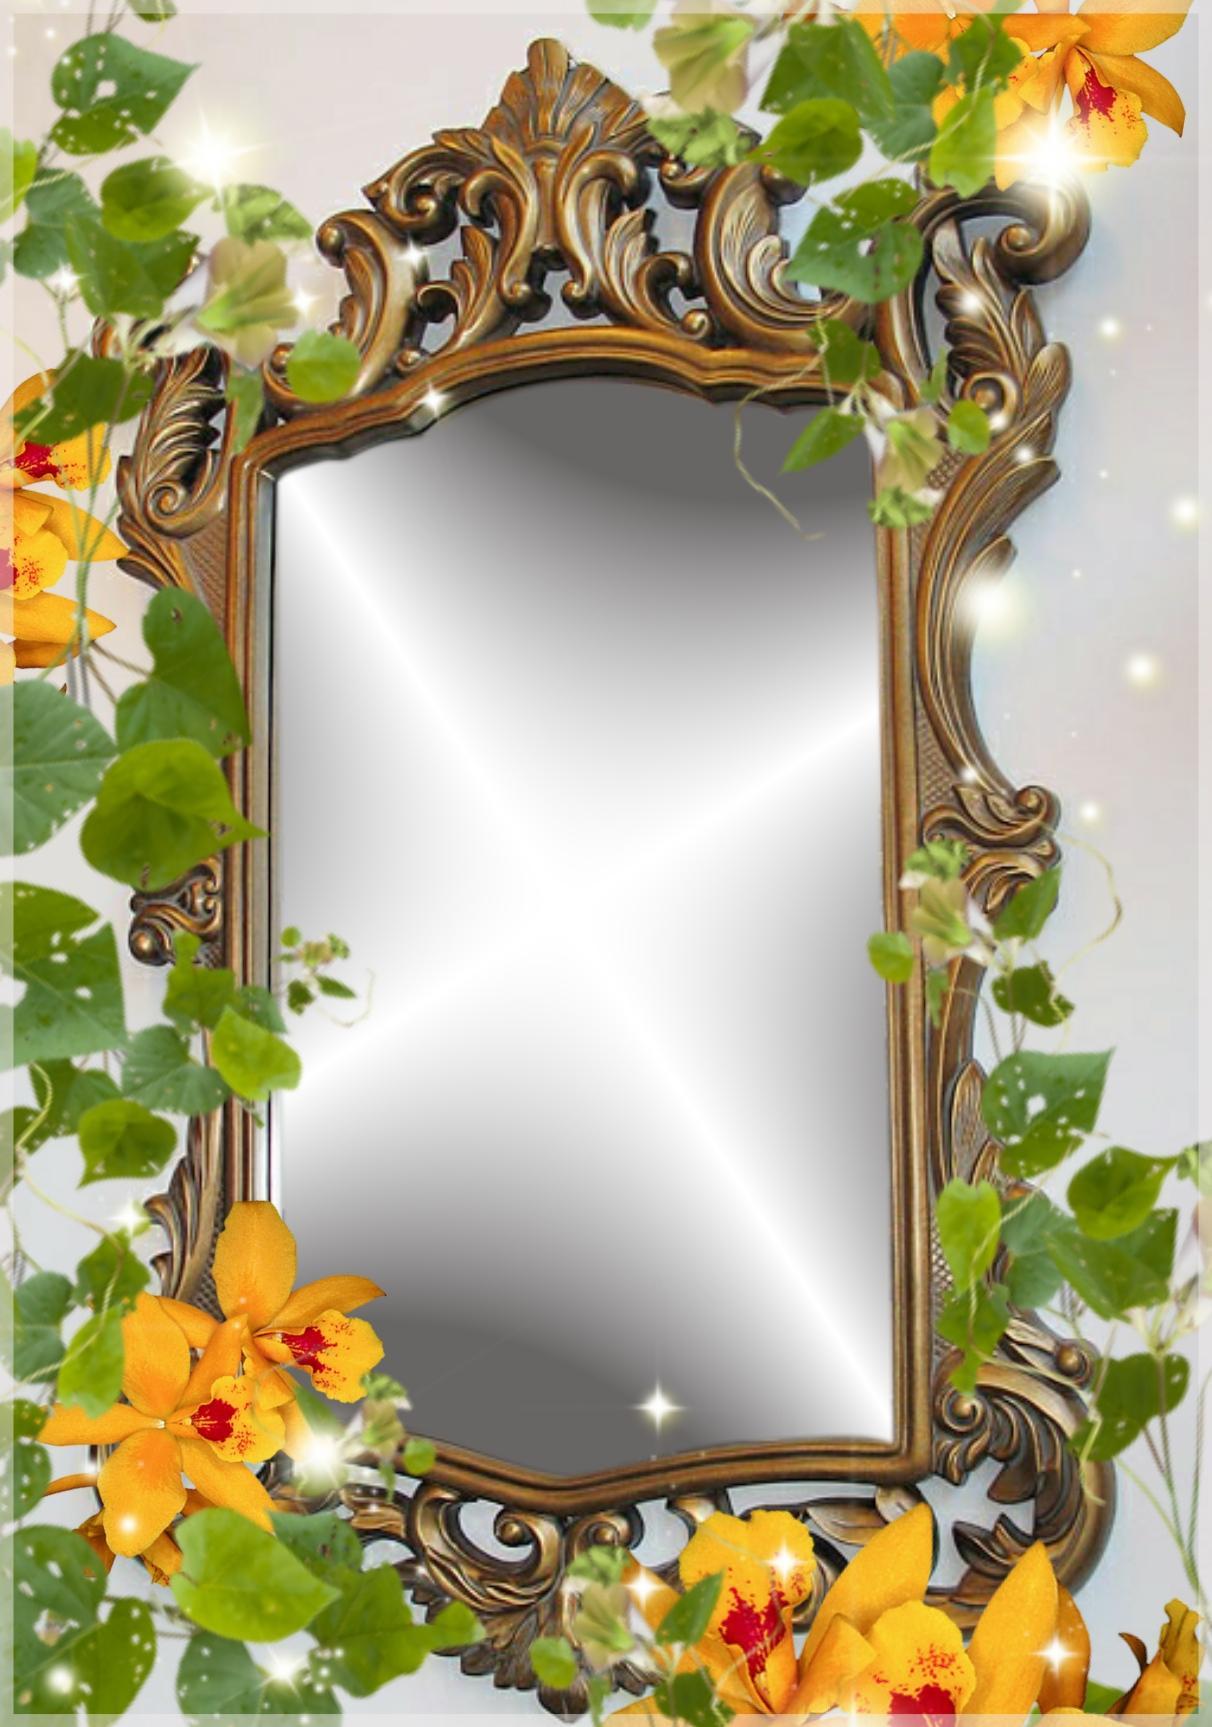 Ungewöhnlich Rahmen Mikimi Bild Fotos - Rahmen Ideen ...